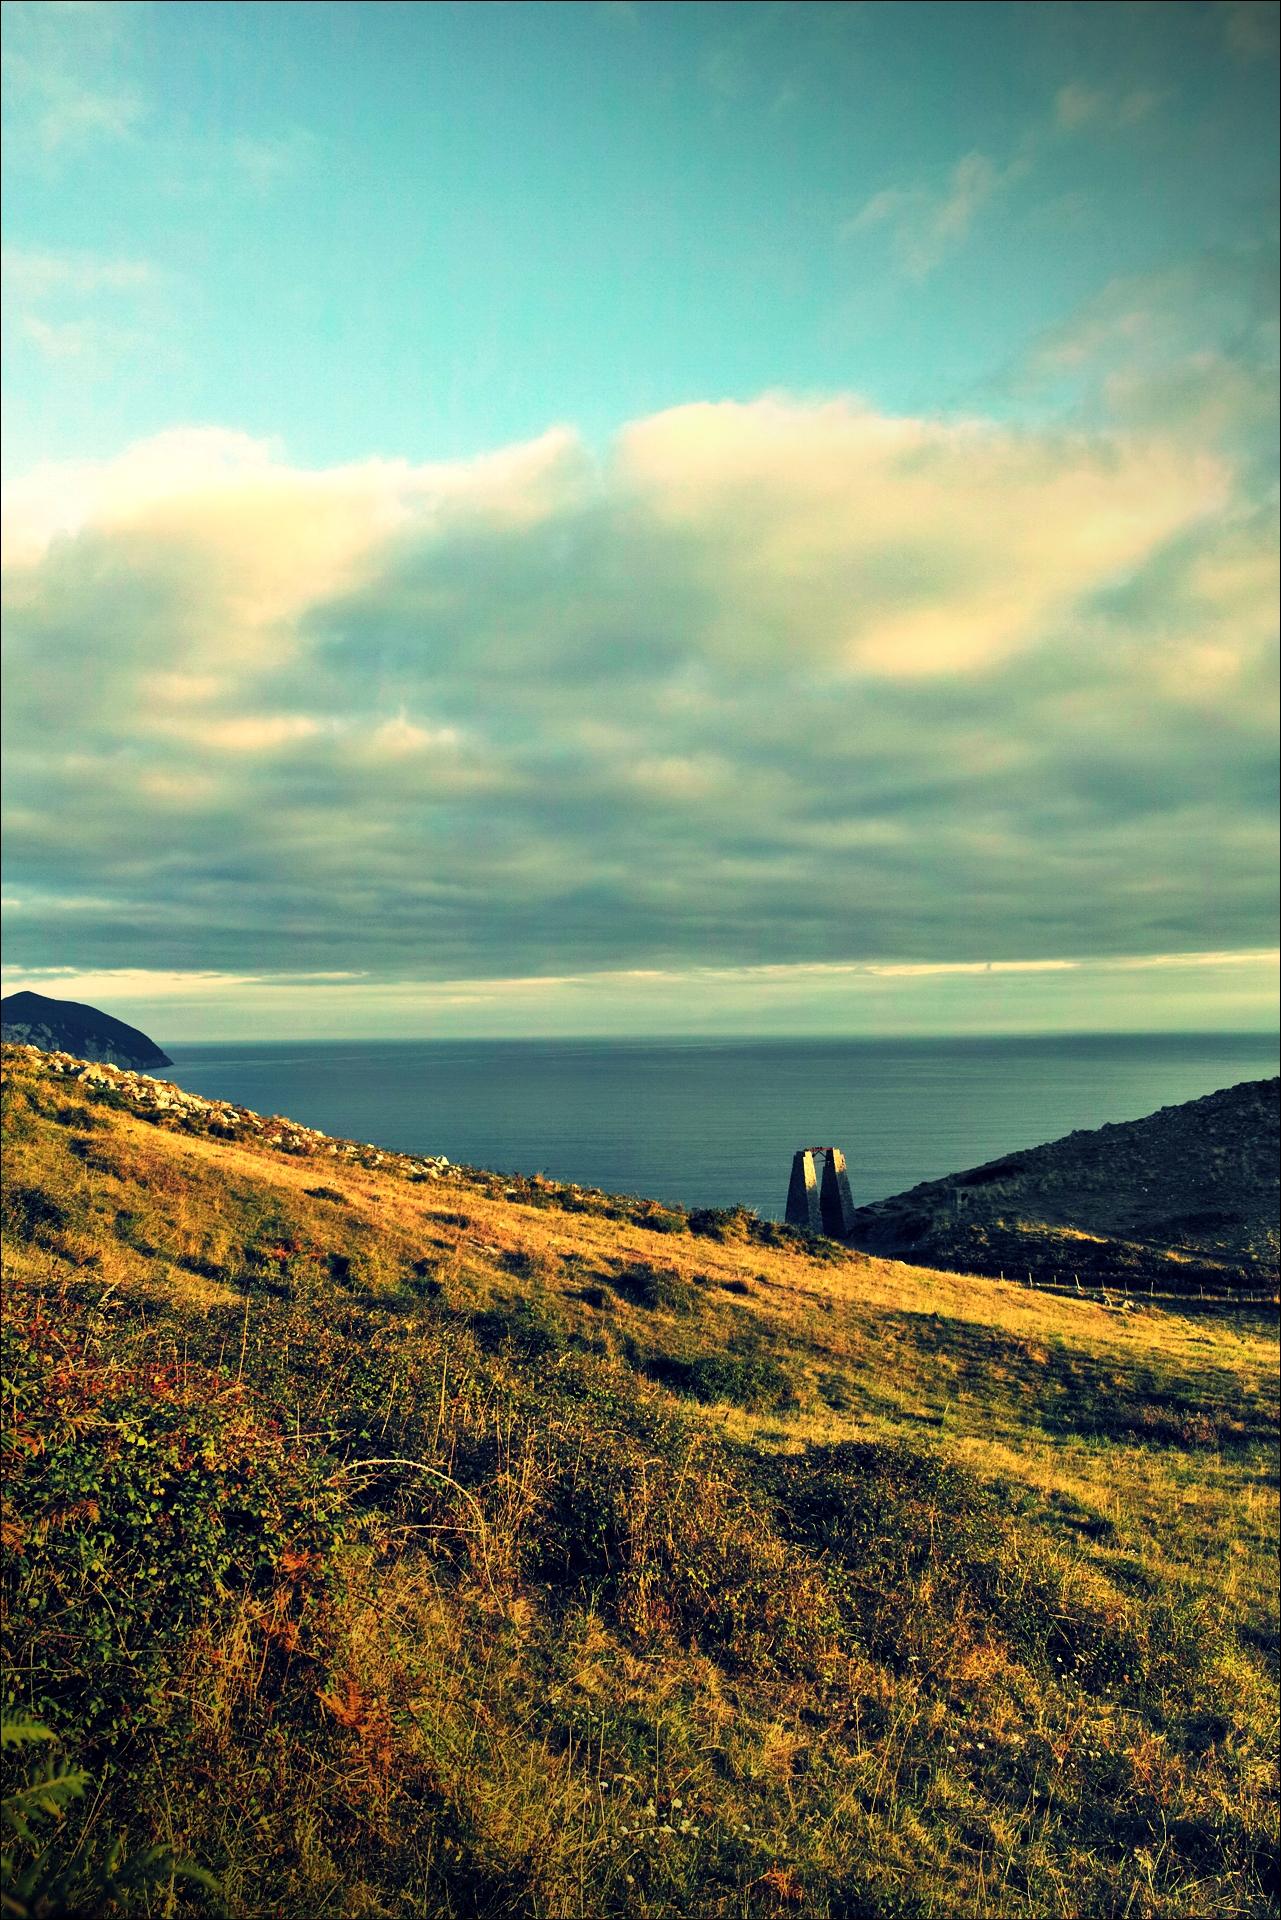 바다. 그리고 빛의 향연-'카미노 데 산티아고 북쪽길. 리엔도에서 산토냐. (Camino del Norte - Liendo to Santoña) '